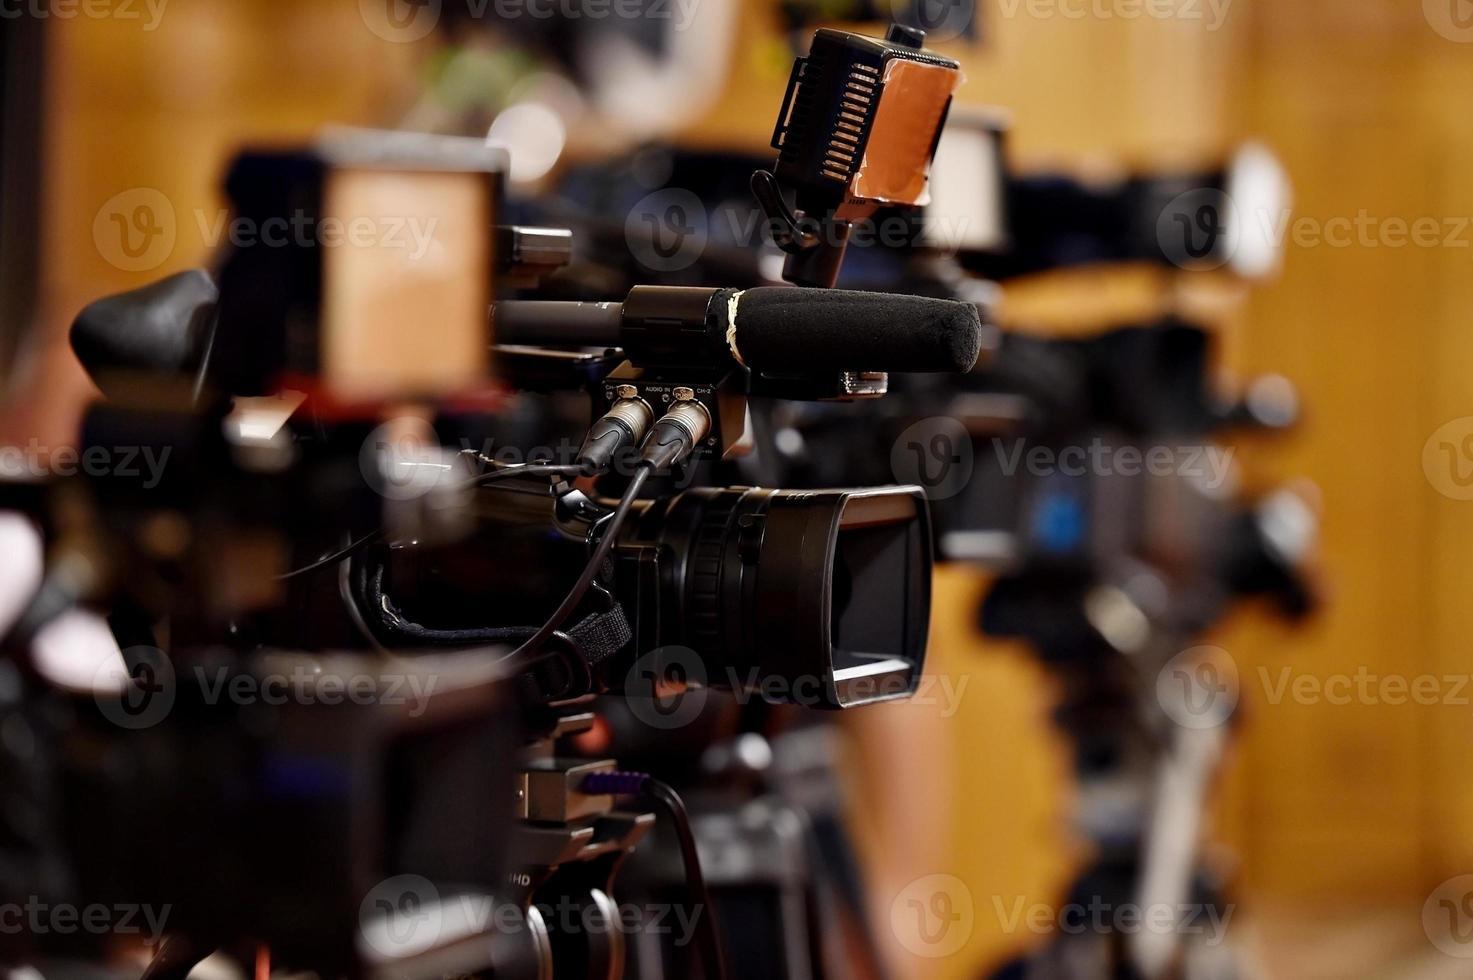 Videokameras bei der Pressekonferenz foto